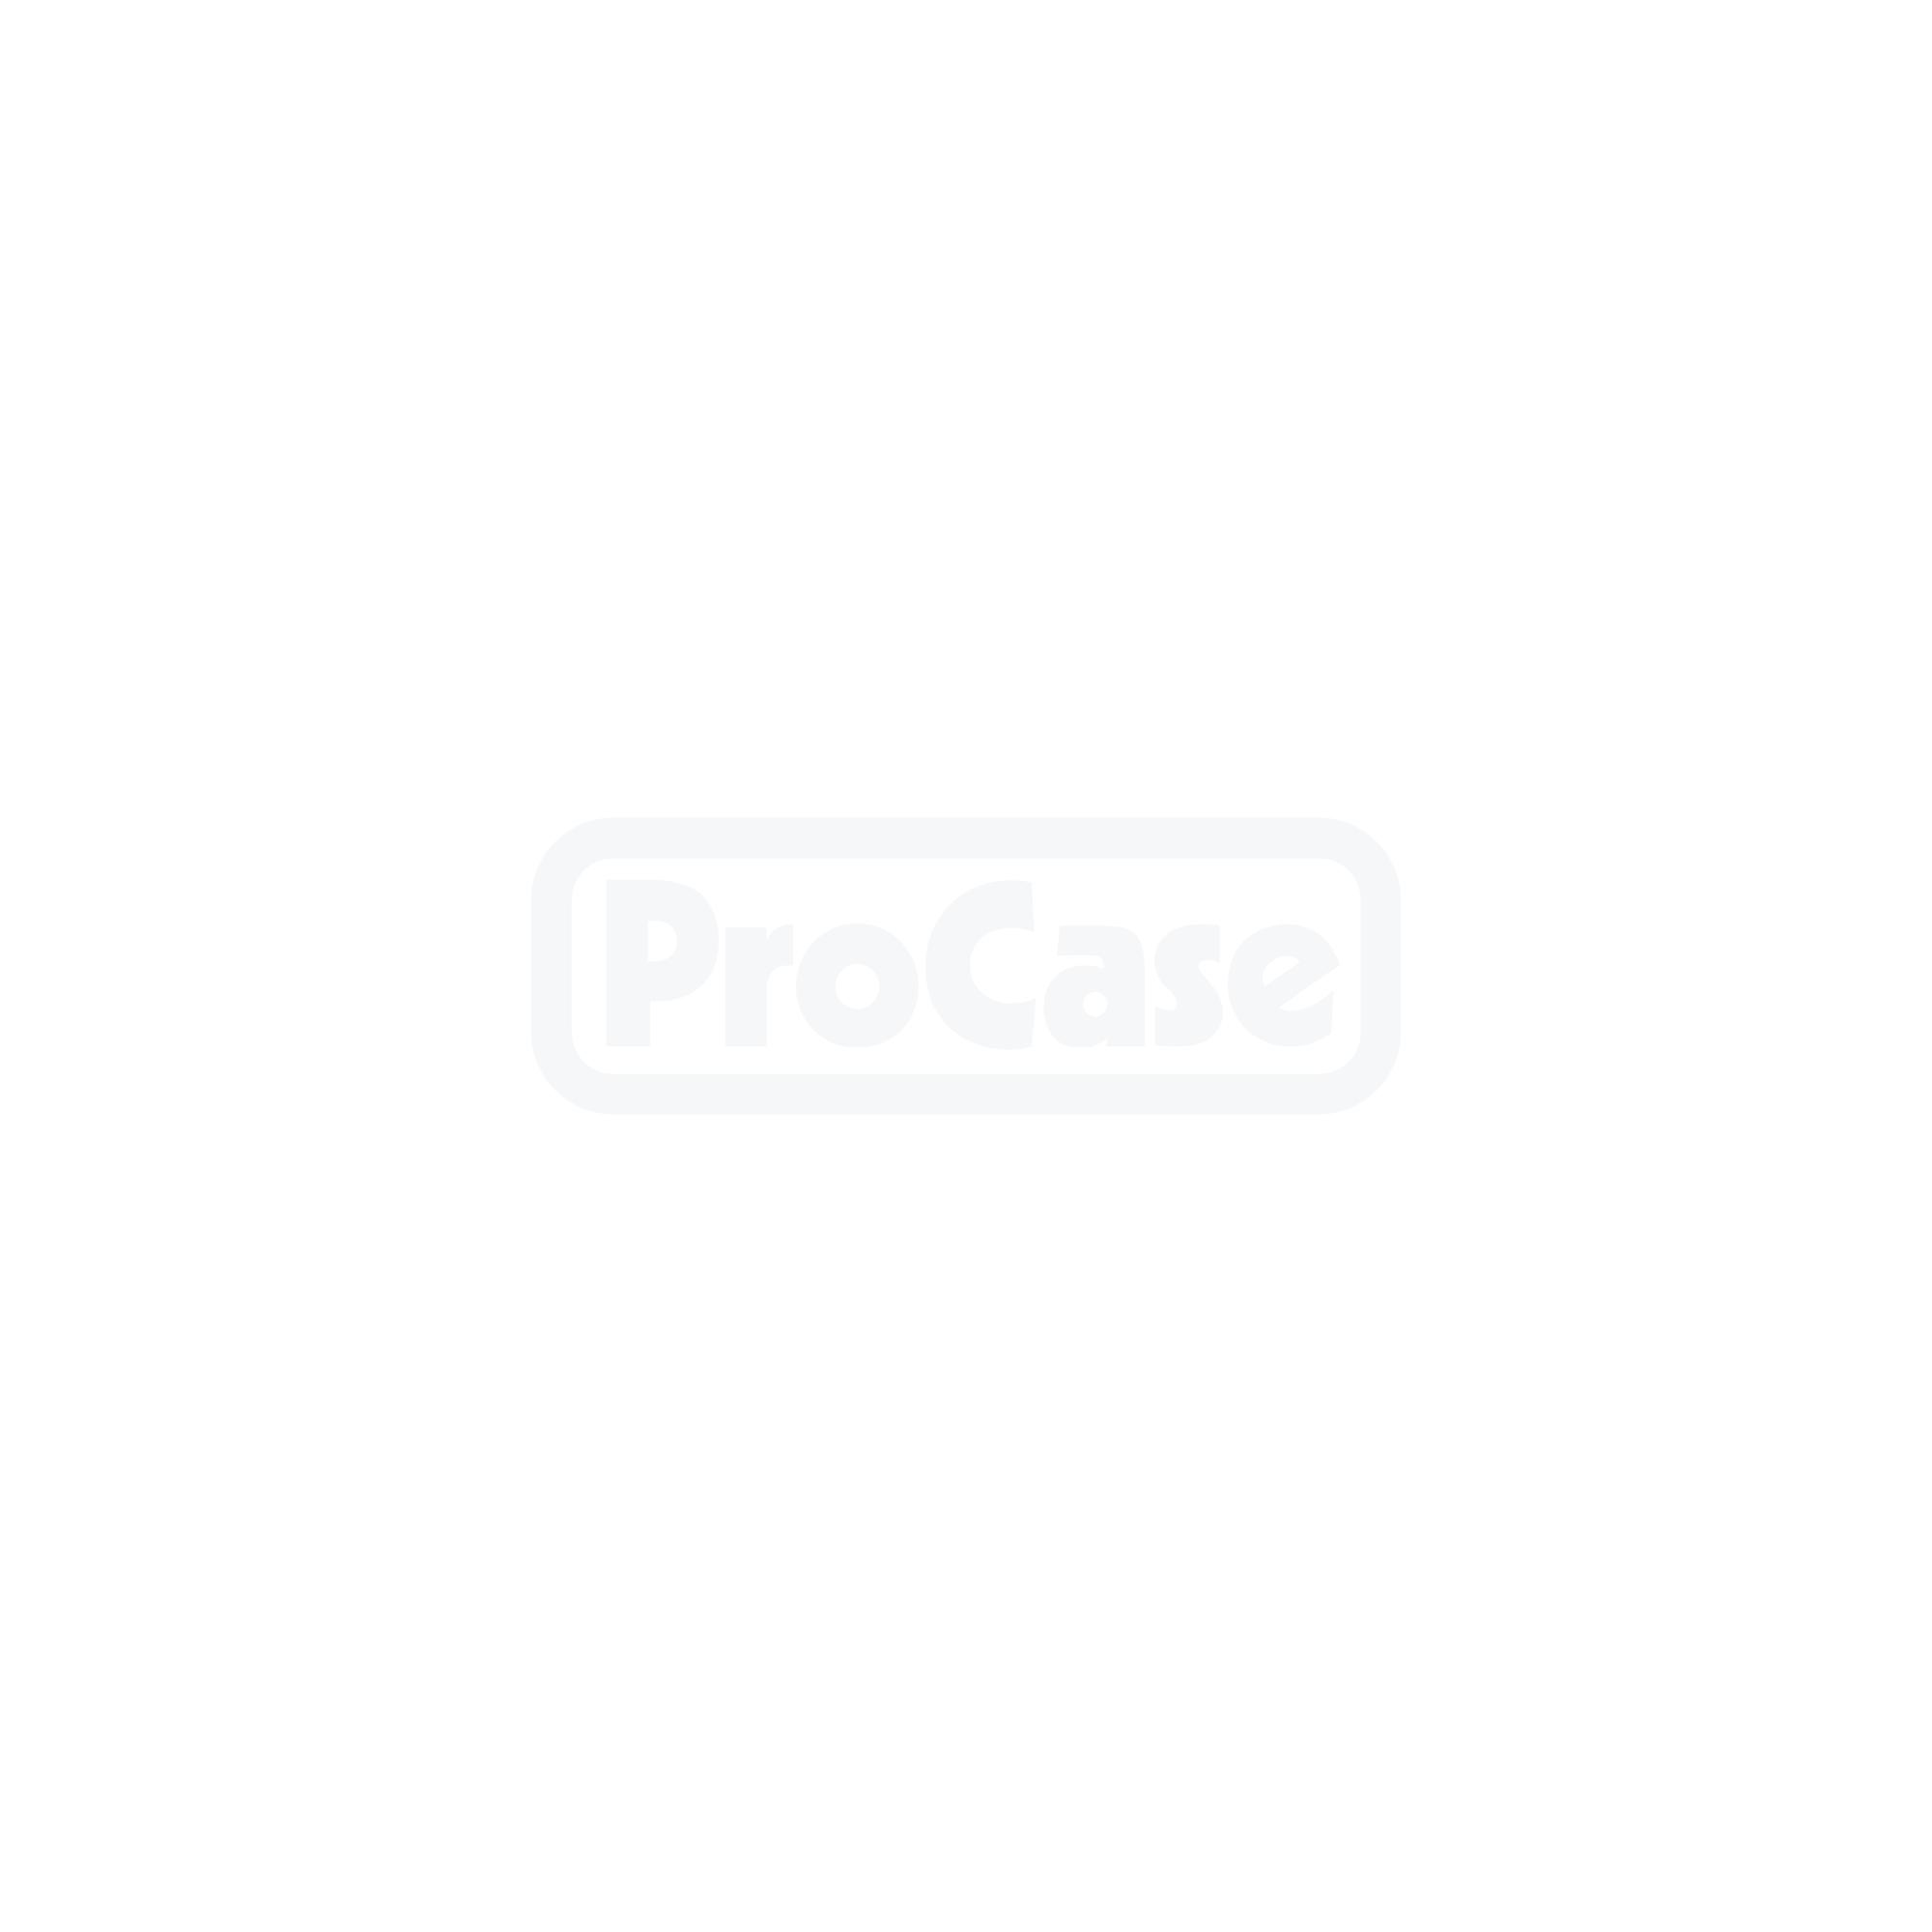 Flightcase für Chainmaster BGV-D8 1to 24m Kette 2